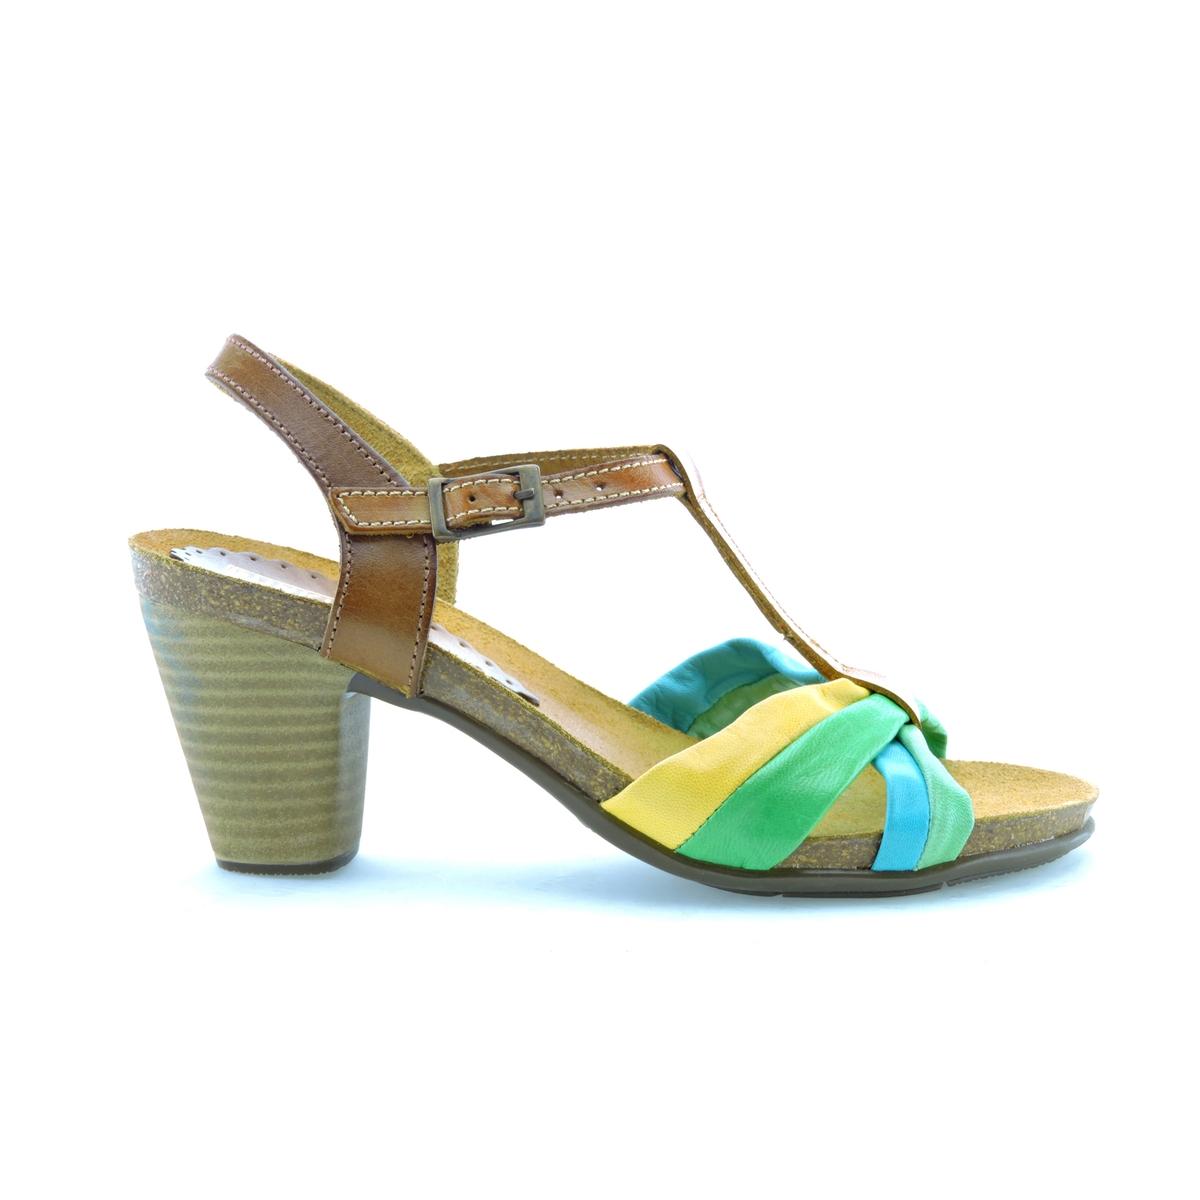 Босоножки кожаные LizВерх : кожа         Стелька : кожа         Подошва : эластомер         Высота каблука : 8 см         Форма каблука : квадратный каблук         Мысок : открытый мысок         Застежка : пряжка<br><br>Цвет: разноцветный<br>Размер: 39.38